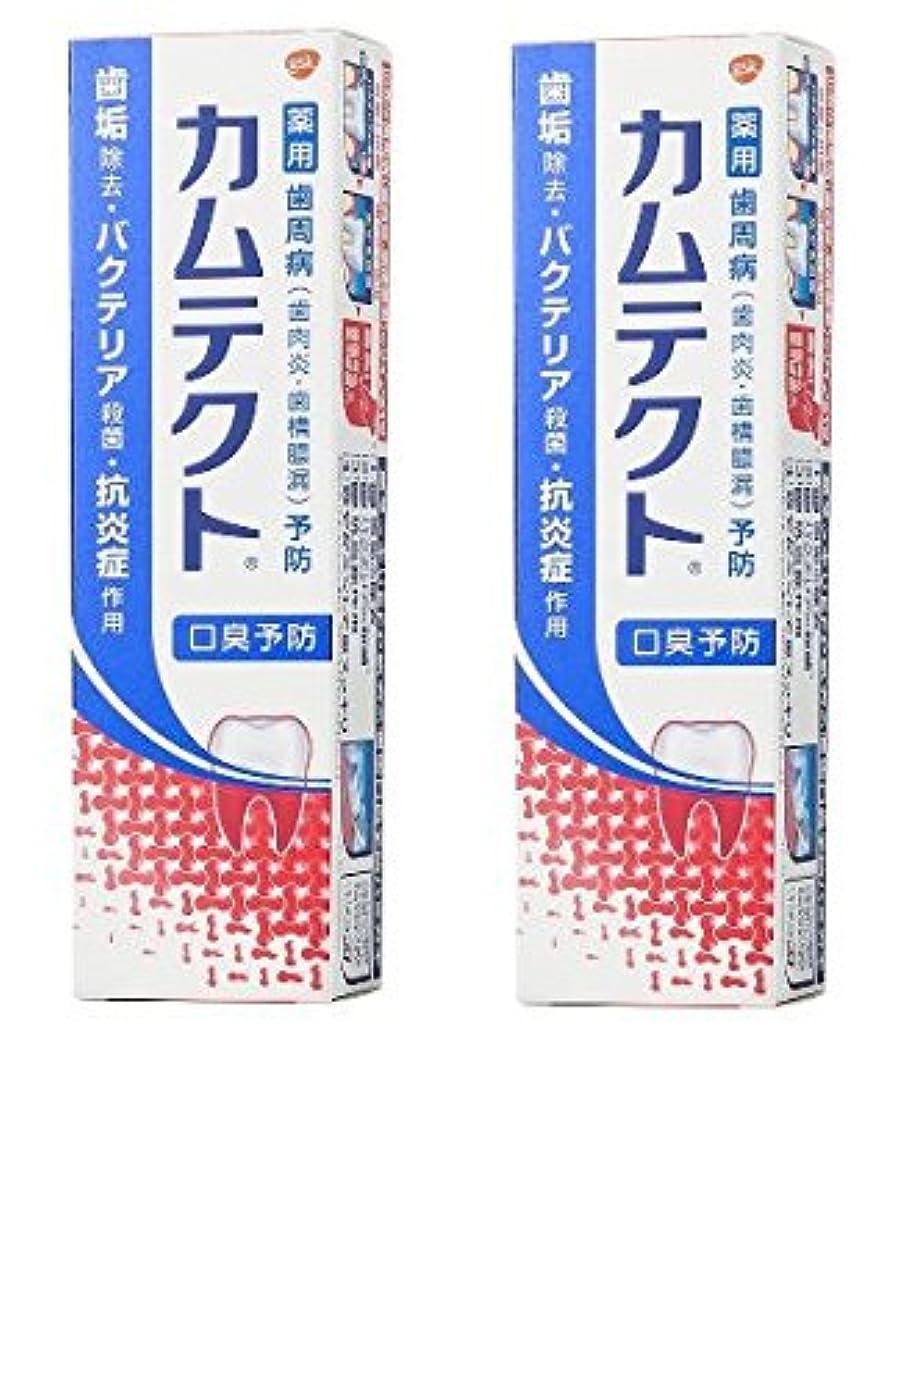 嵐名誉味わう【まとめ買い】カムテクト 口臭予防 歯周病(歯肉炎?歯槽膿漏) 予防 歯みがき粉 105g × 2個